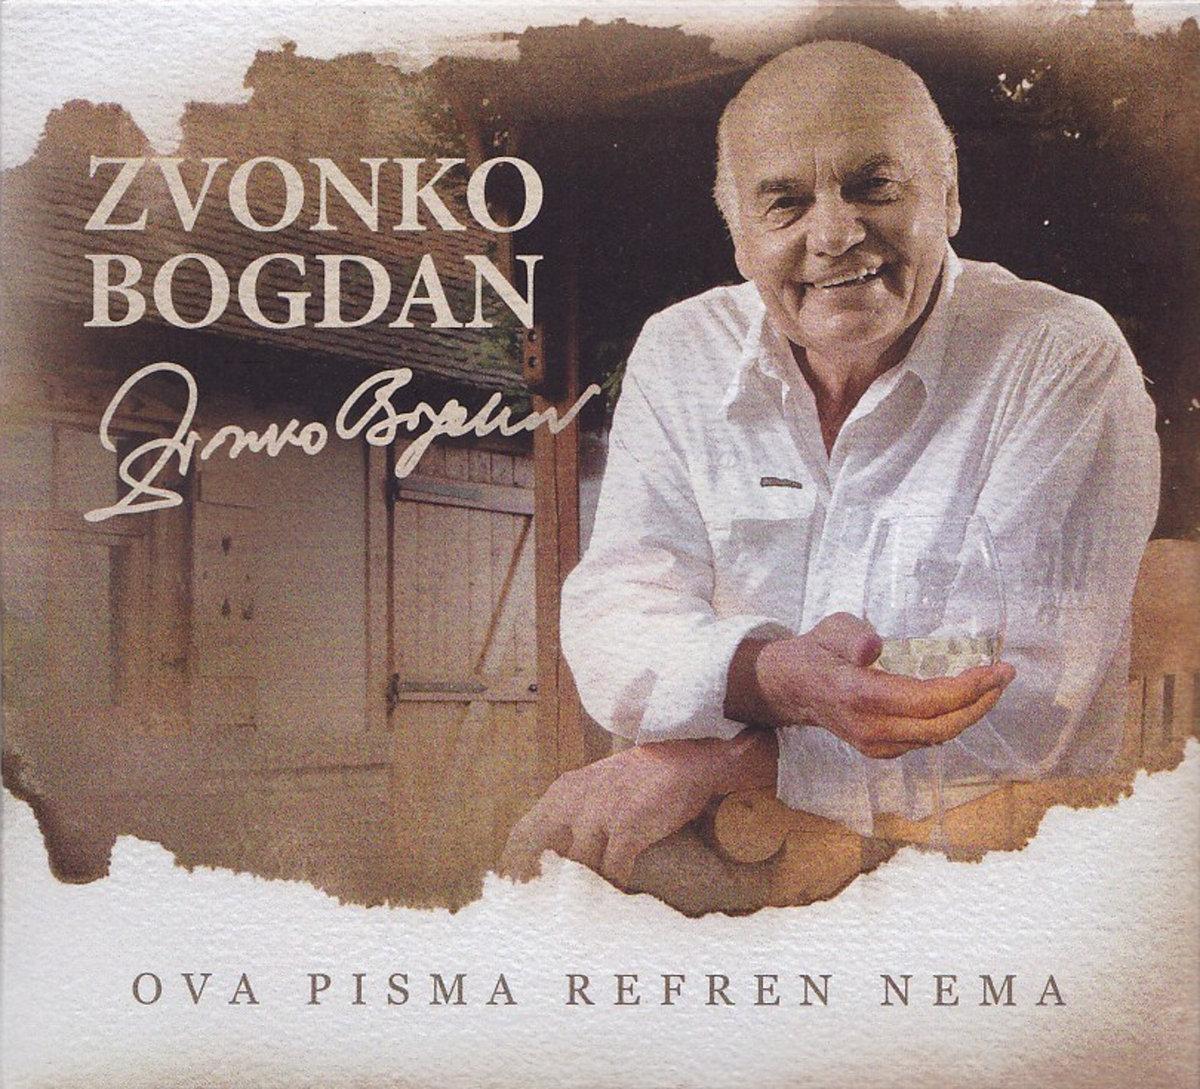 Zlatna kolekcija (2008) | zvonko bogdan | high quality music.